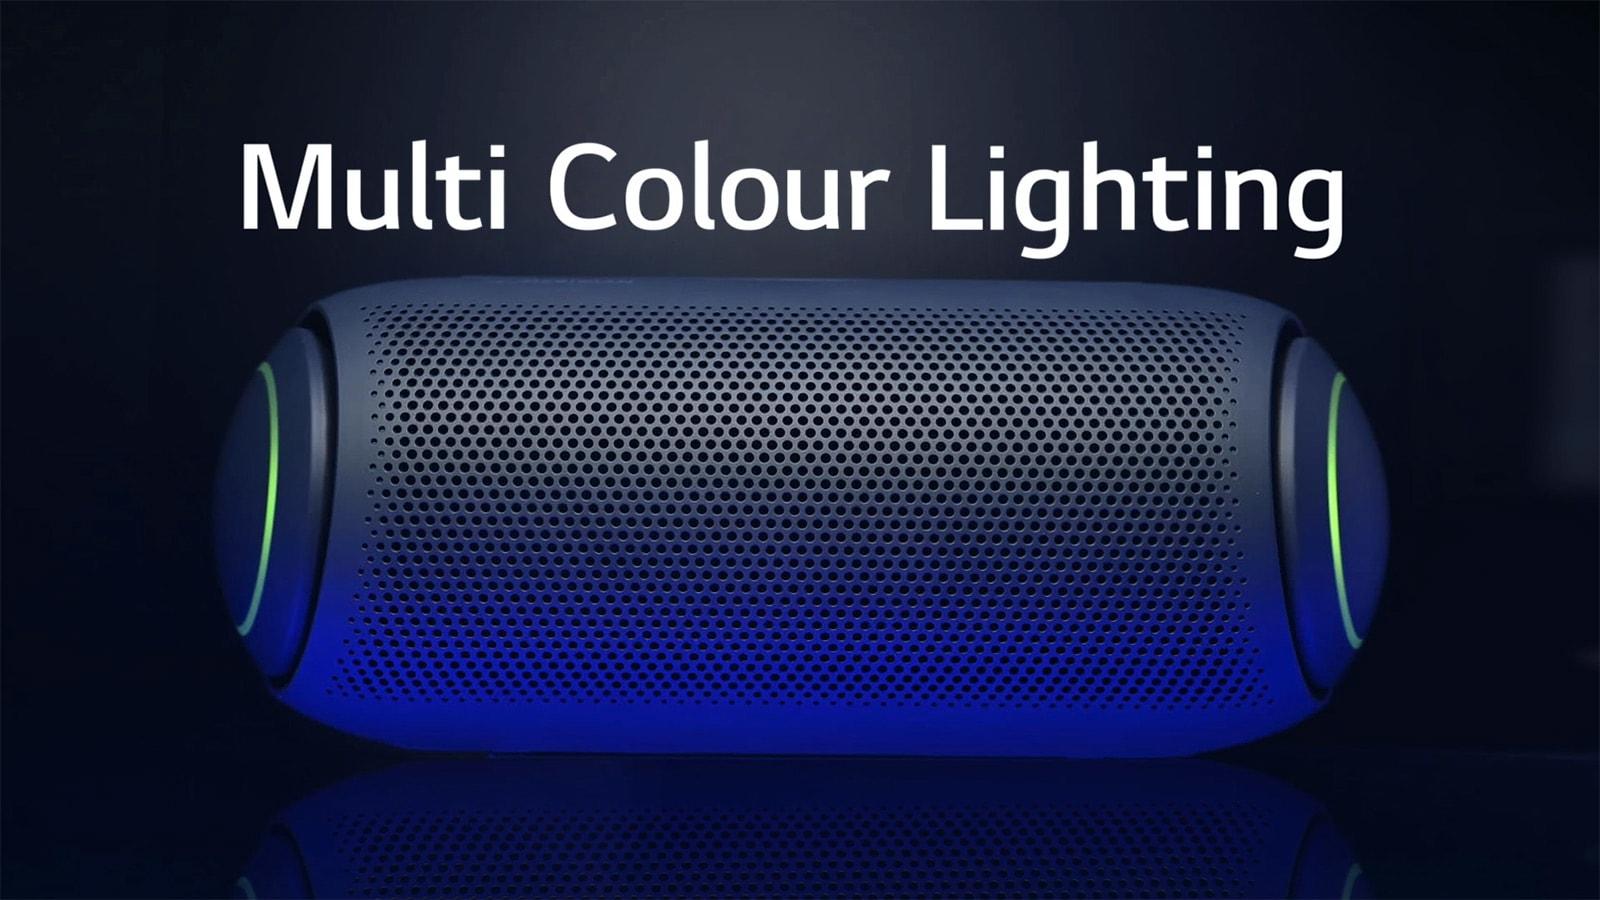 Pogled od spredaj na zvočnike XBOOM Go z večbarvno globoko osvetlitvijo zvočnikov na temnem ozadju